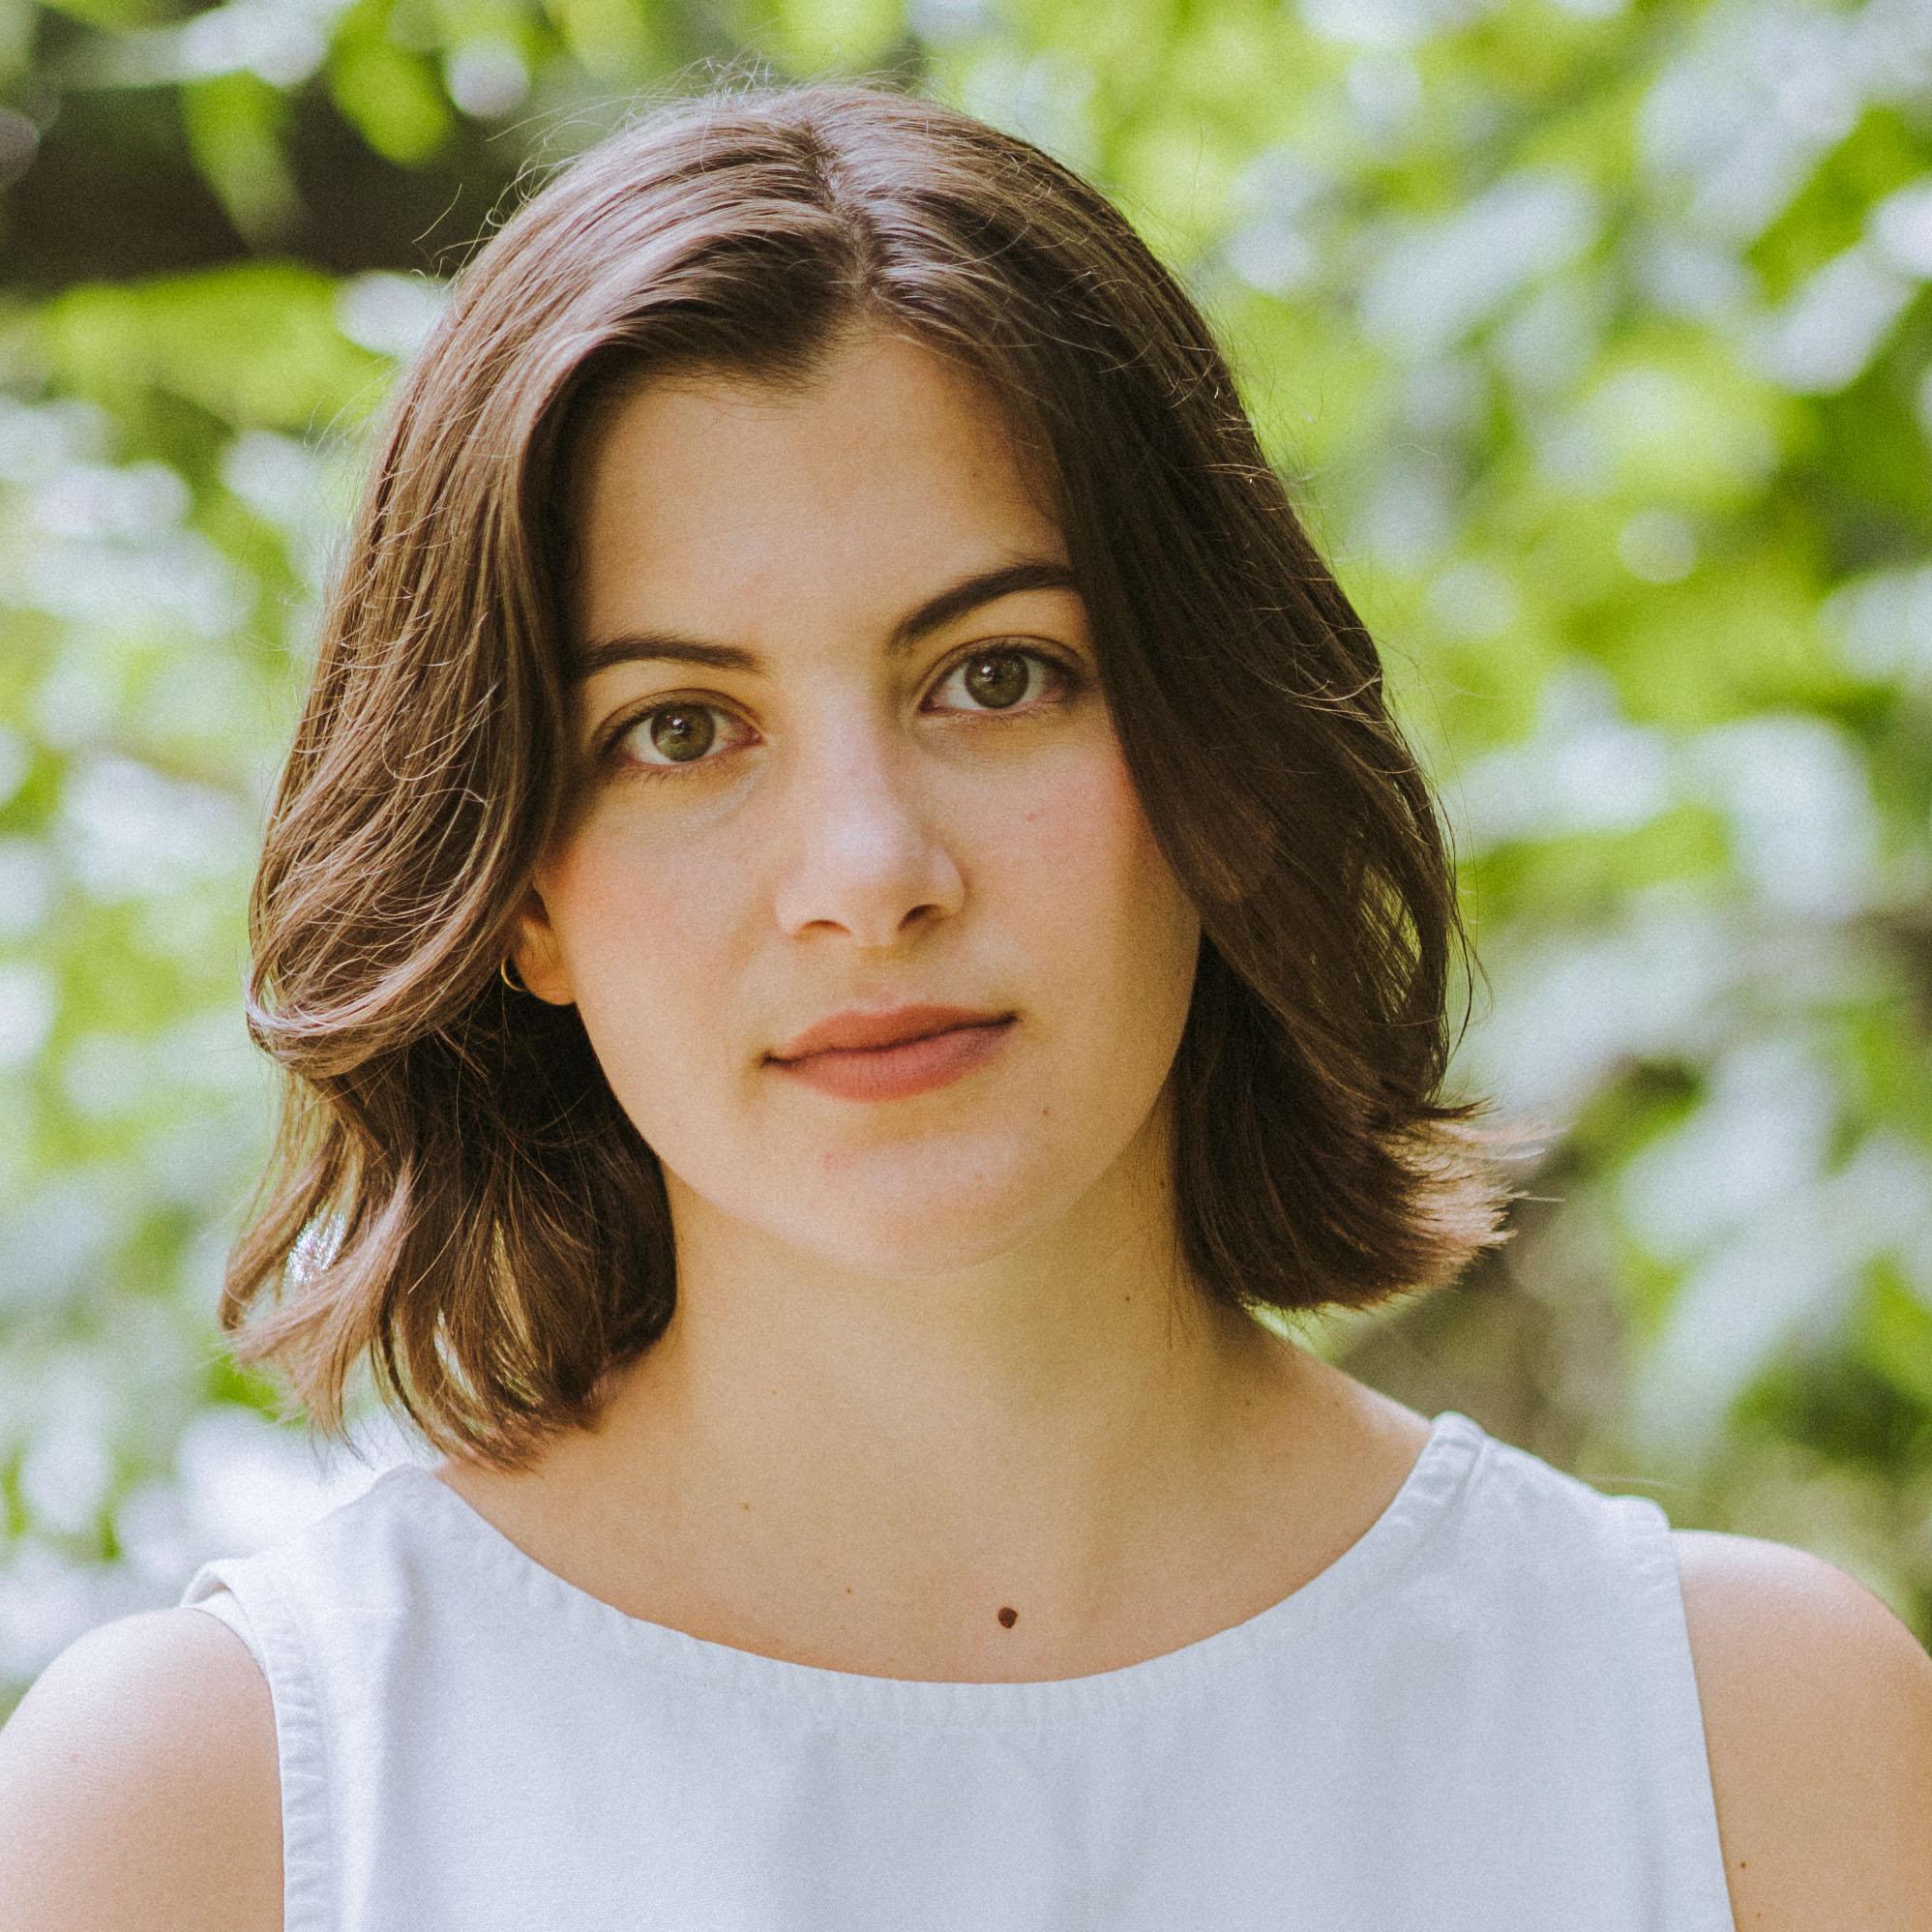 Dana Reilly